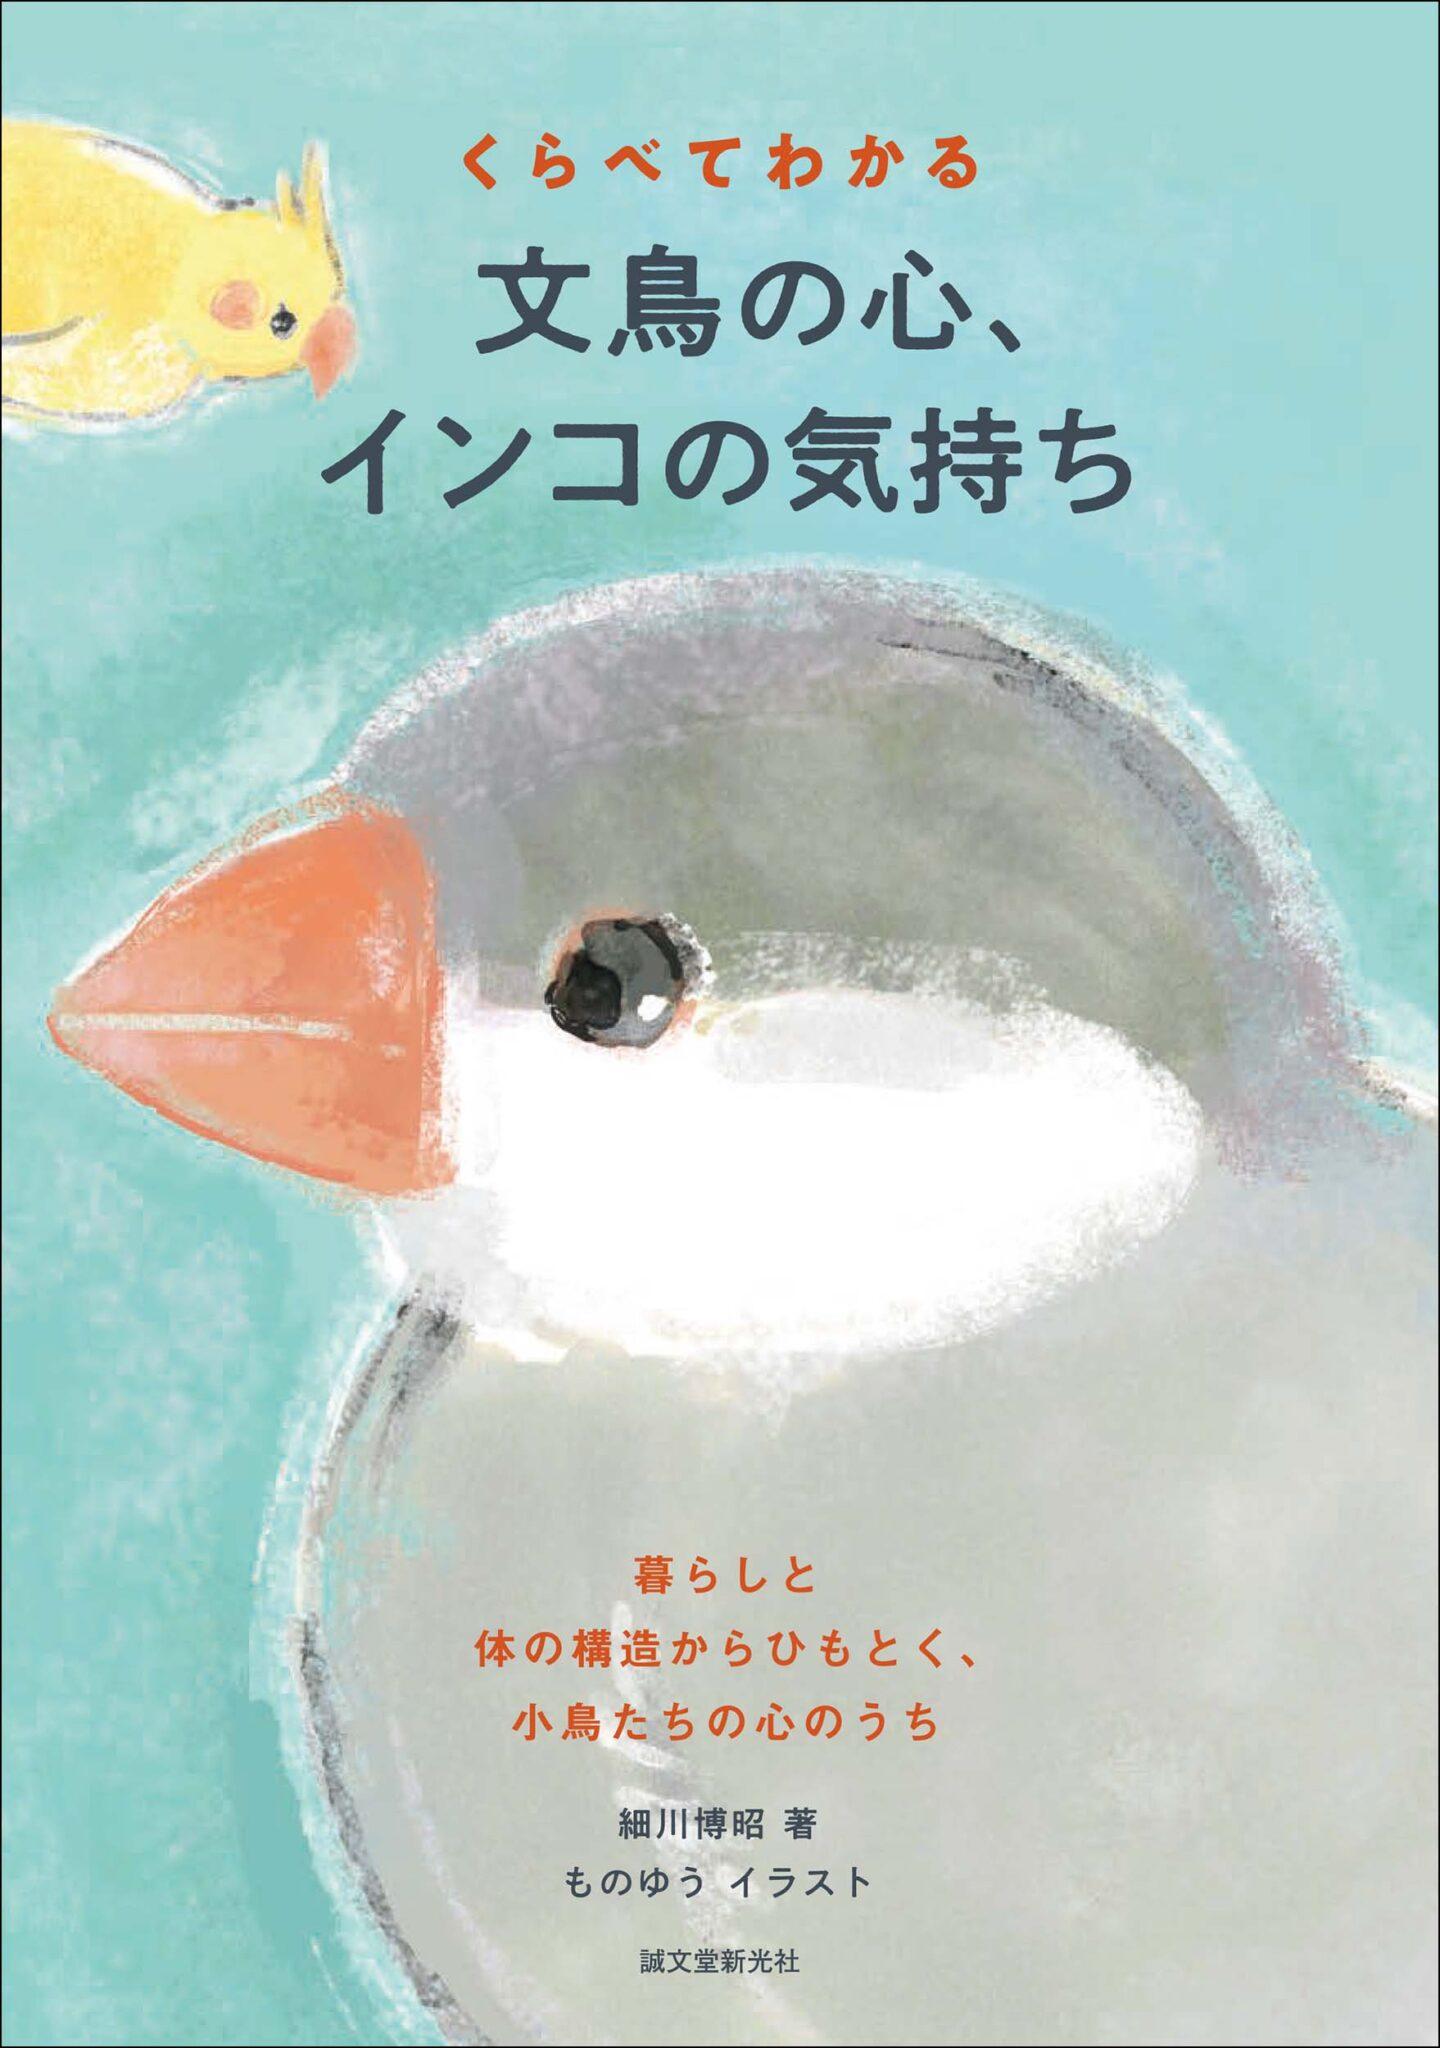 小鳥たちの心理に迫る 鳥たちとの幸せな暮らしをめざす鳥飼いさんのための本